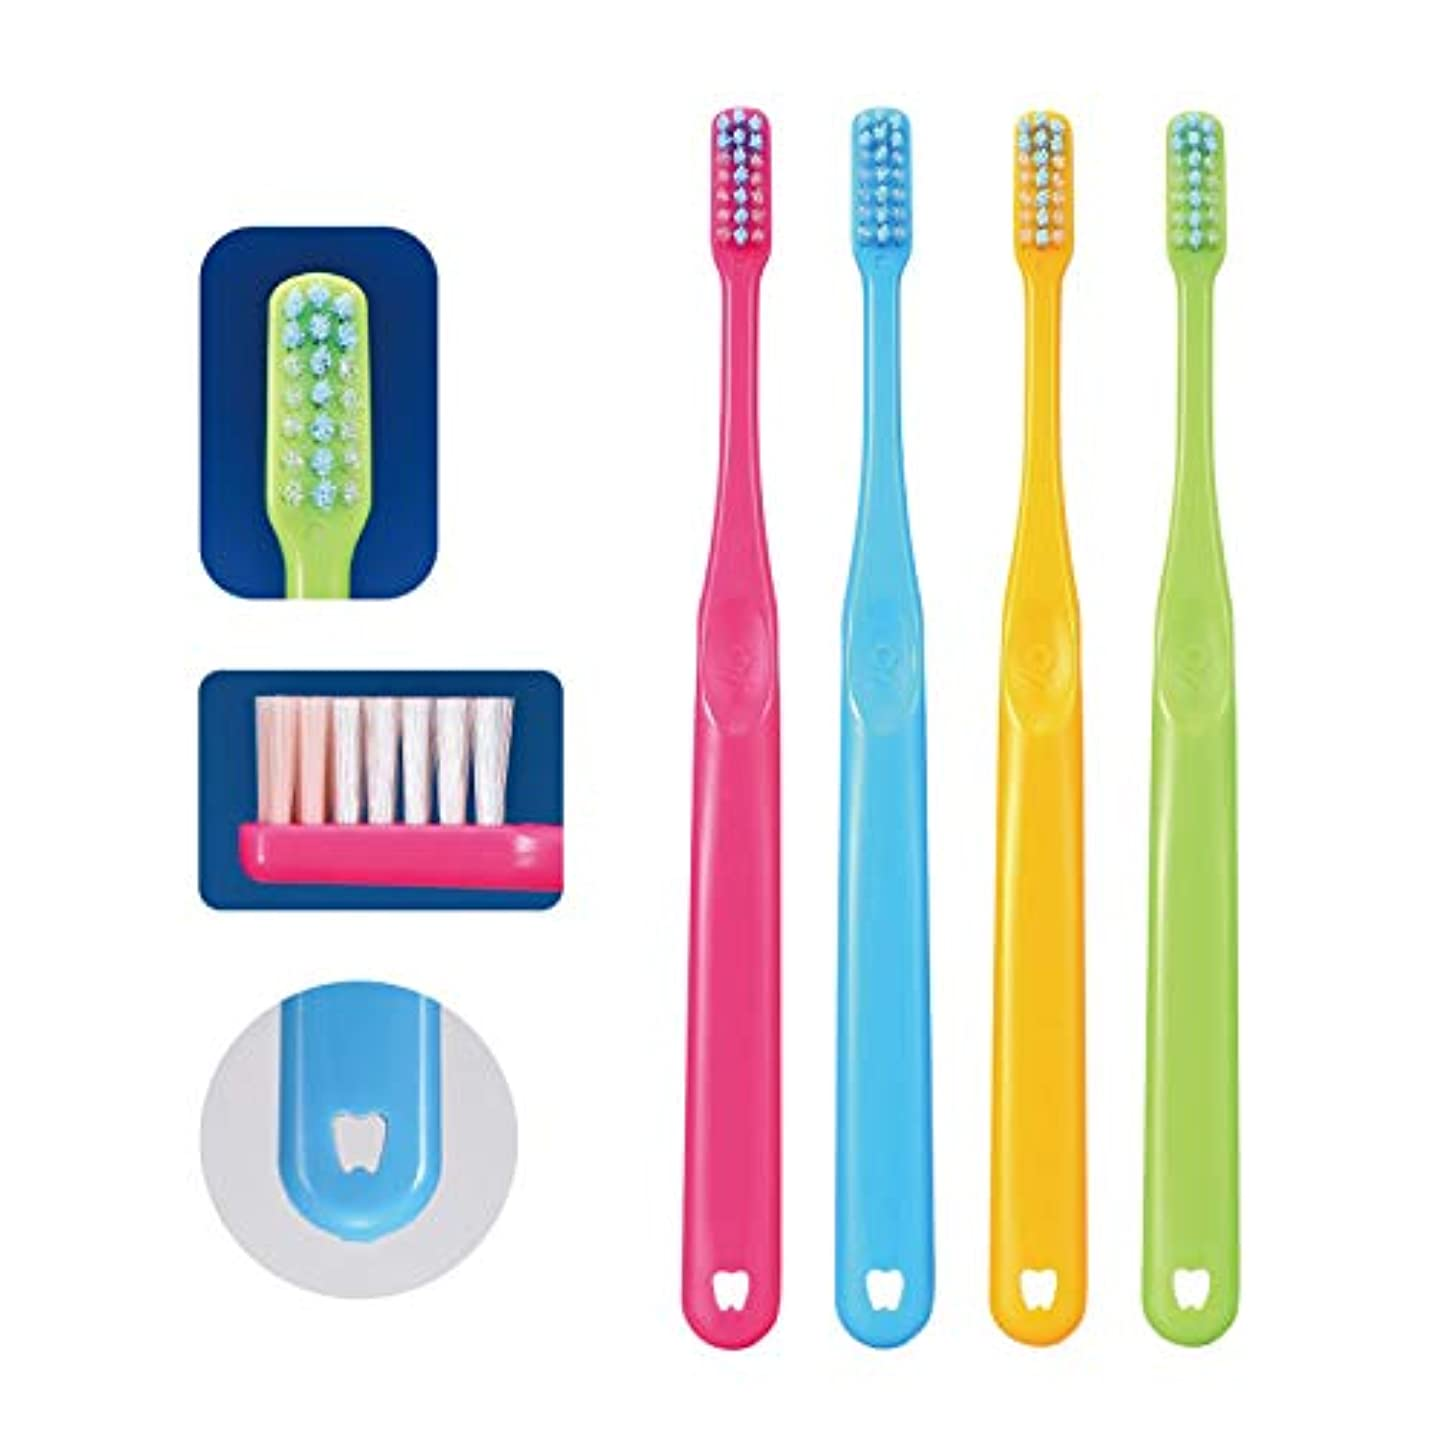 親囲む極めてCi PRO PLUS プロプラス 歯ブラシ 20本 S(やわらかめ) 日本製 プラーク除去 歯科専売品